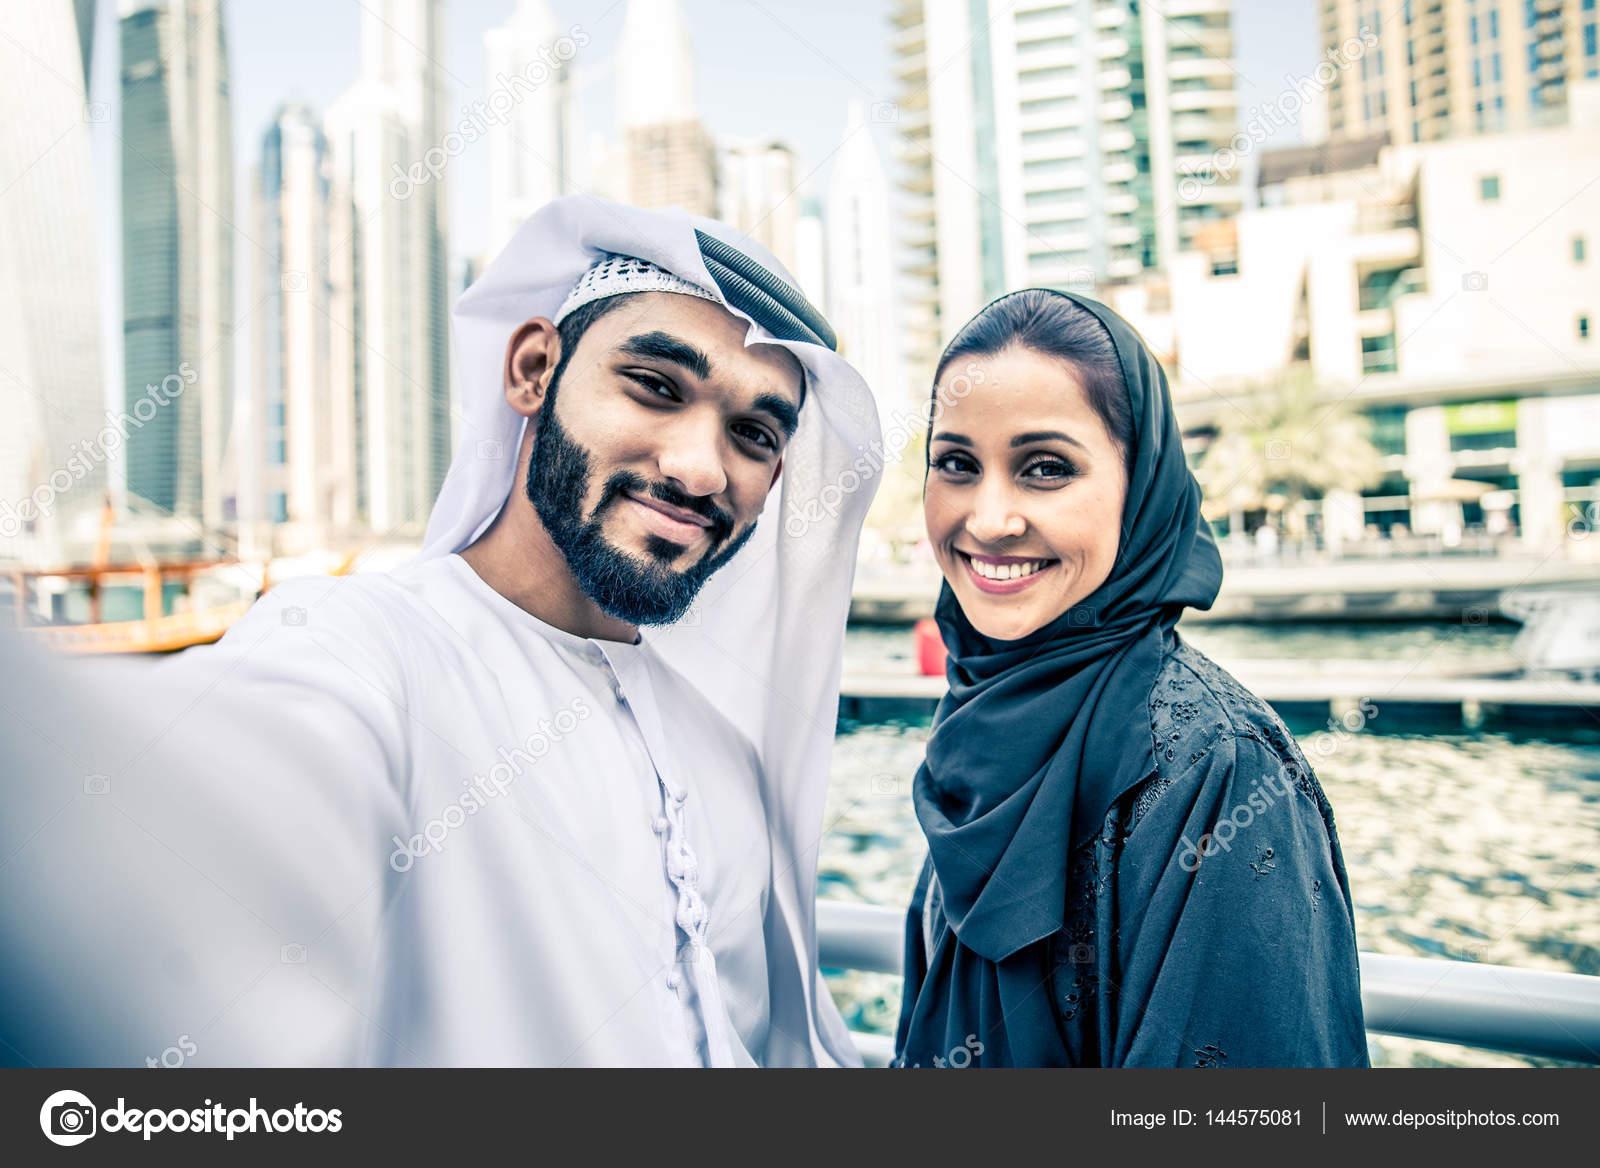 Incontri musulmani a Dubai